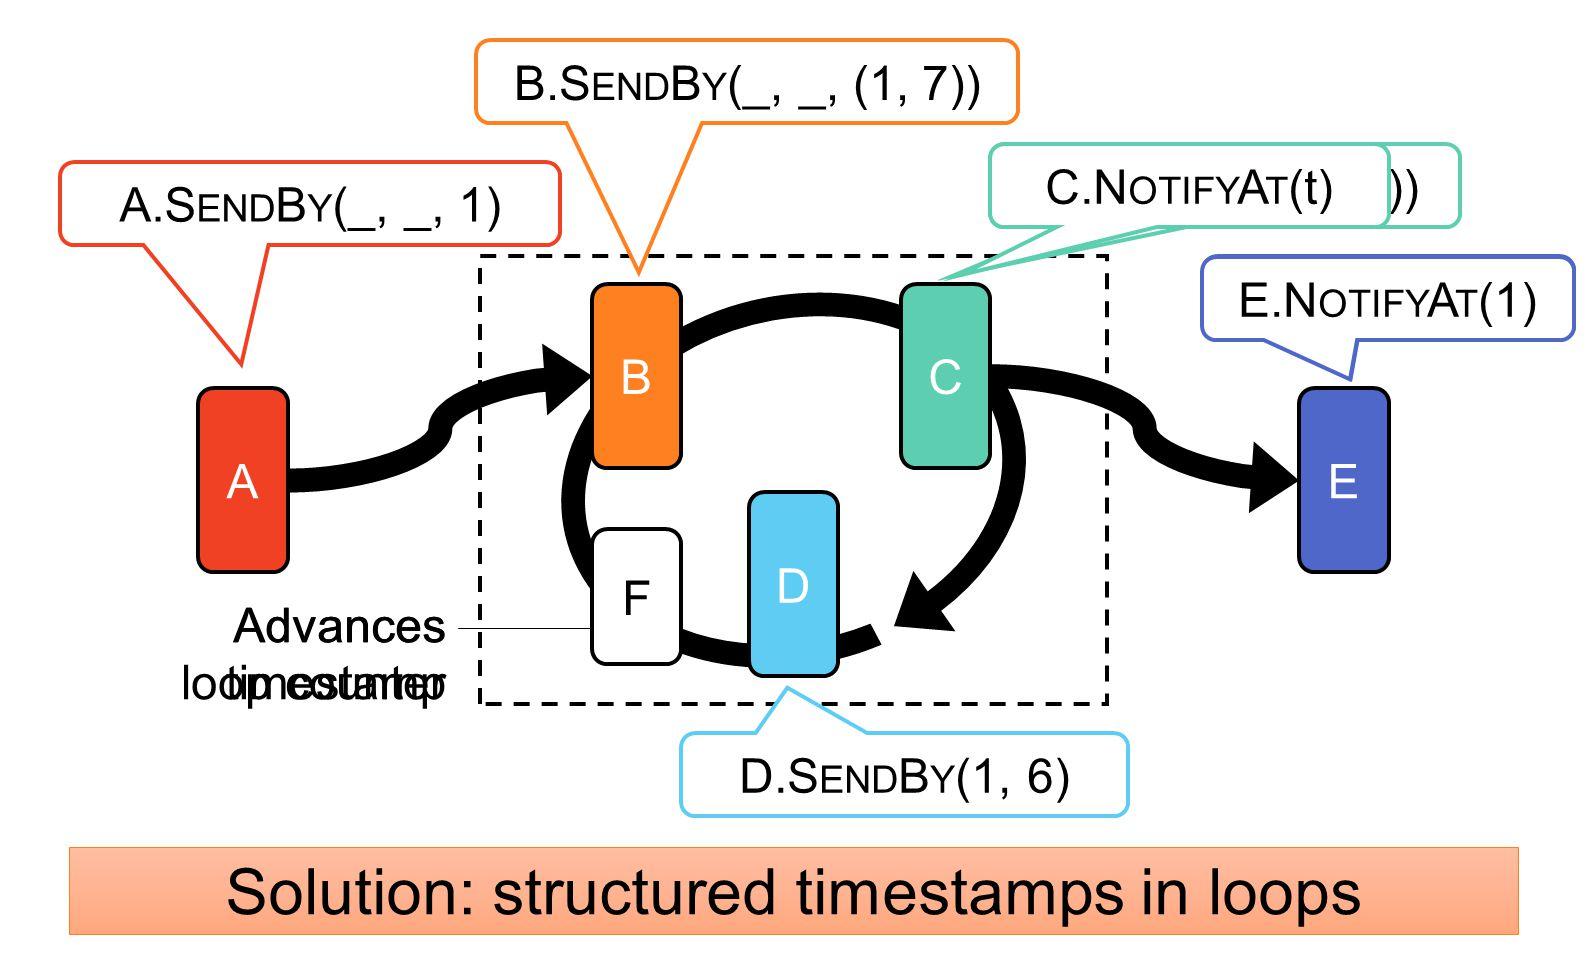 A BC D E C.N OTIFY A T ((1, 6)) D.S END B Y (1, 6) A.S END B Y (_, _, 1) E.N OTIFY A T (?) B.S END B Y (_, _, (1, 7)) F Advances timestamp Advances lo